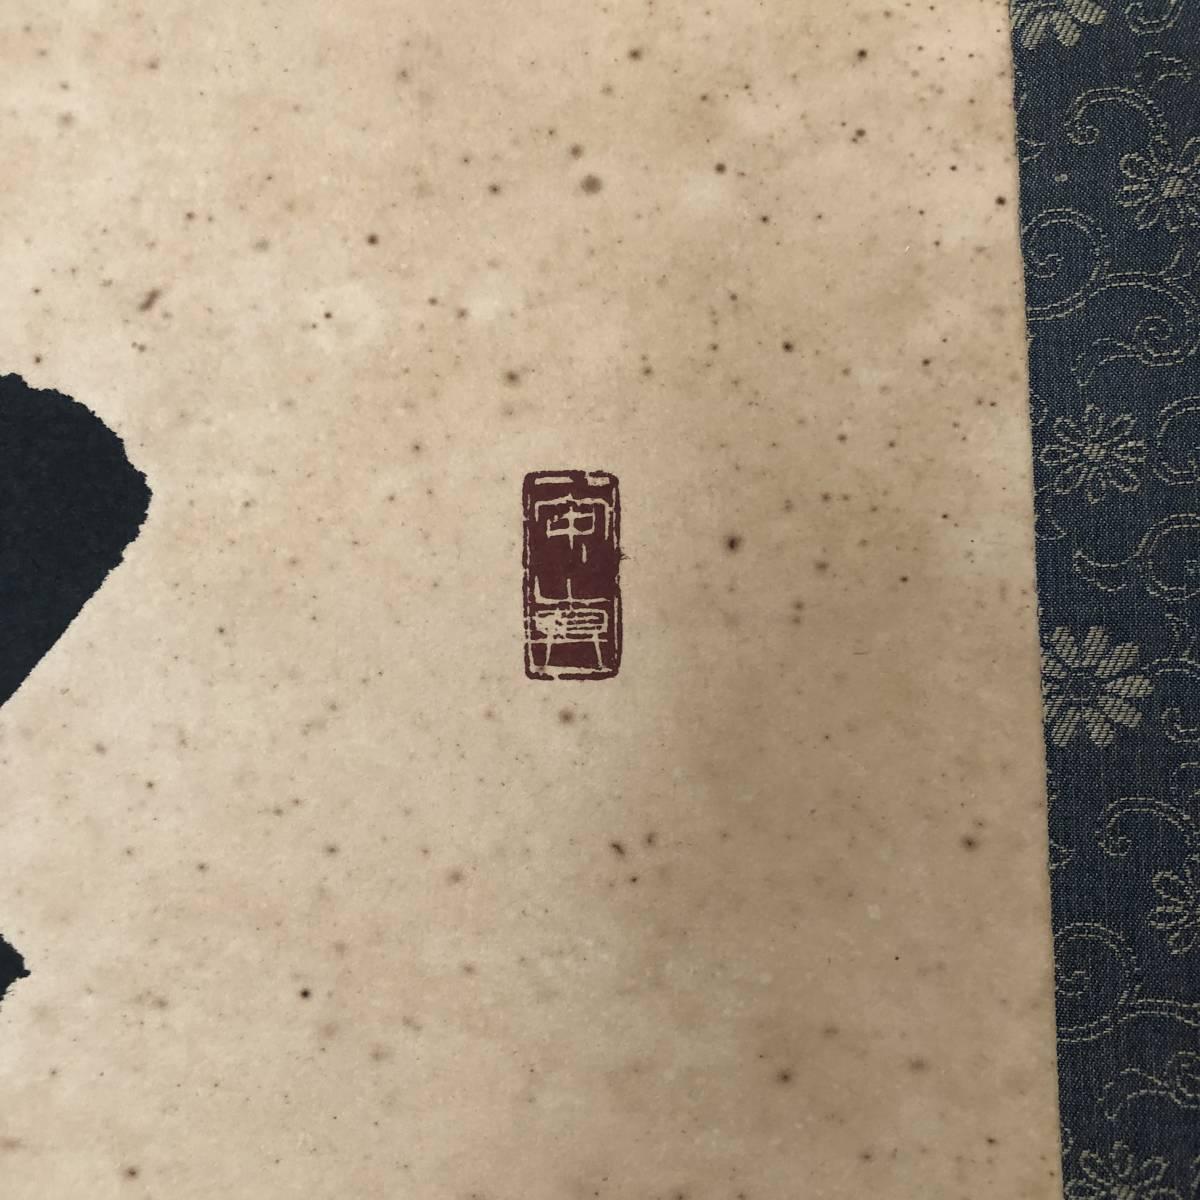 □掛け軸□ 模写 一行書 佐久間蒼穹 落款 在銘 茶道具 茶室 美術品 骨董 床の間 インテリア 縁起物 コレクション 古美術 書 書道_画像8